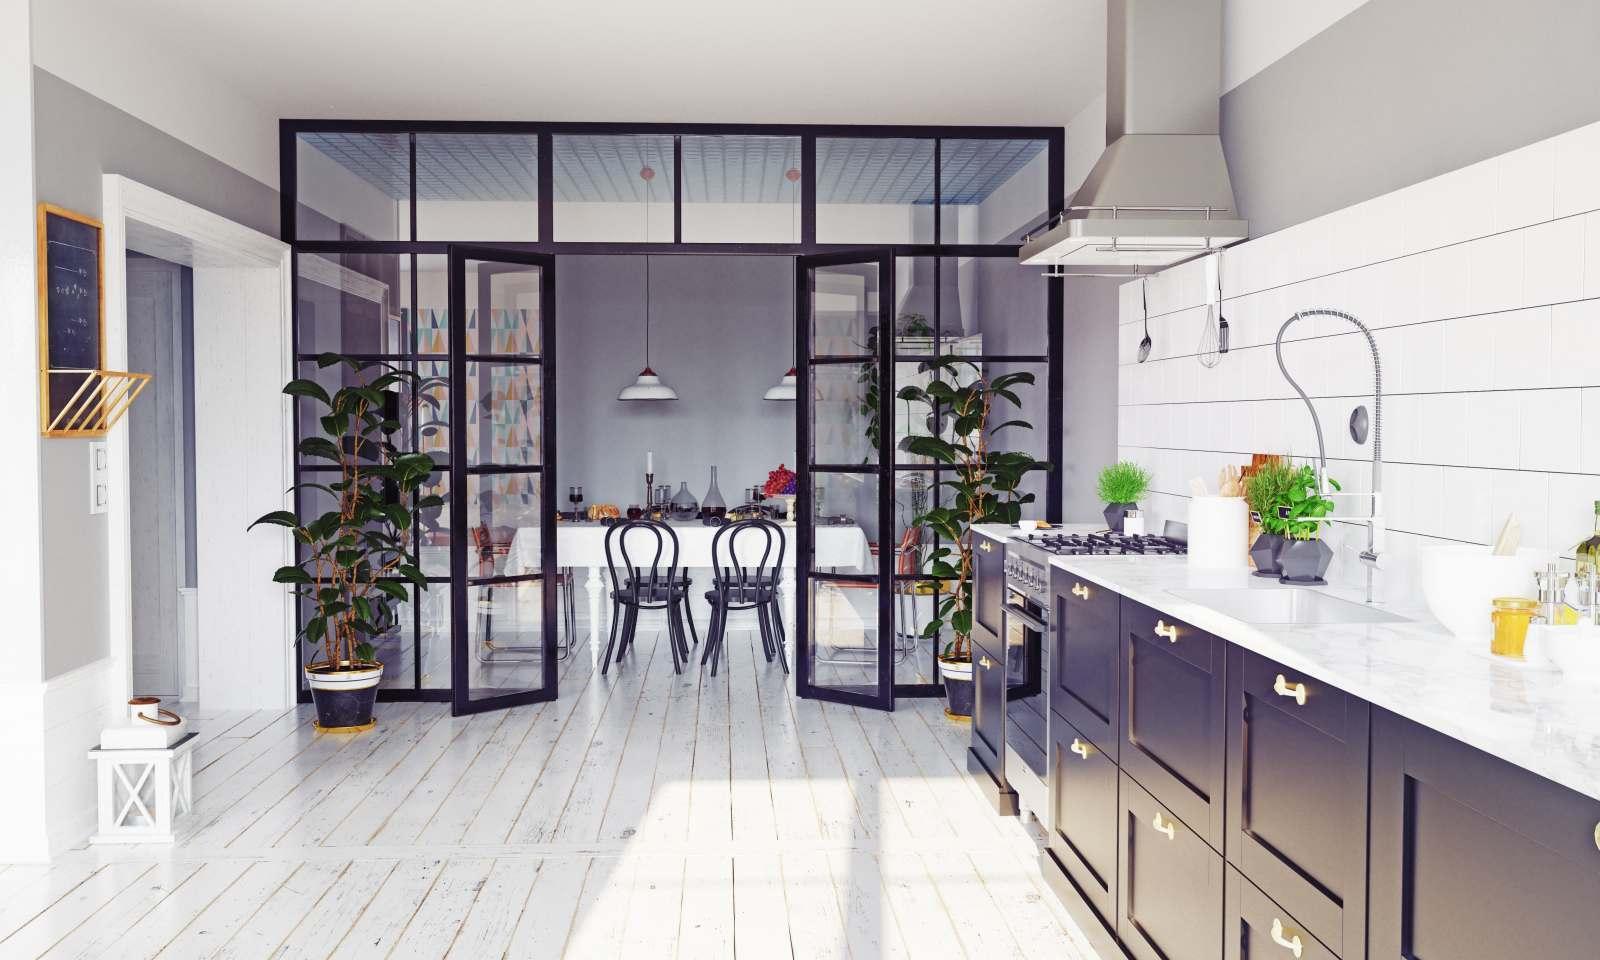 Come Separare Cucina E Soggiorno vetrate per dividere soggiorno e cucina: idee e consigli